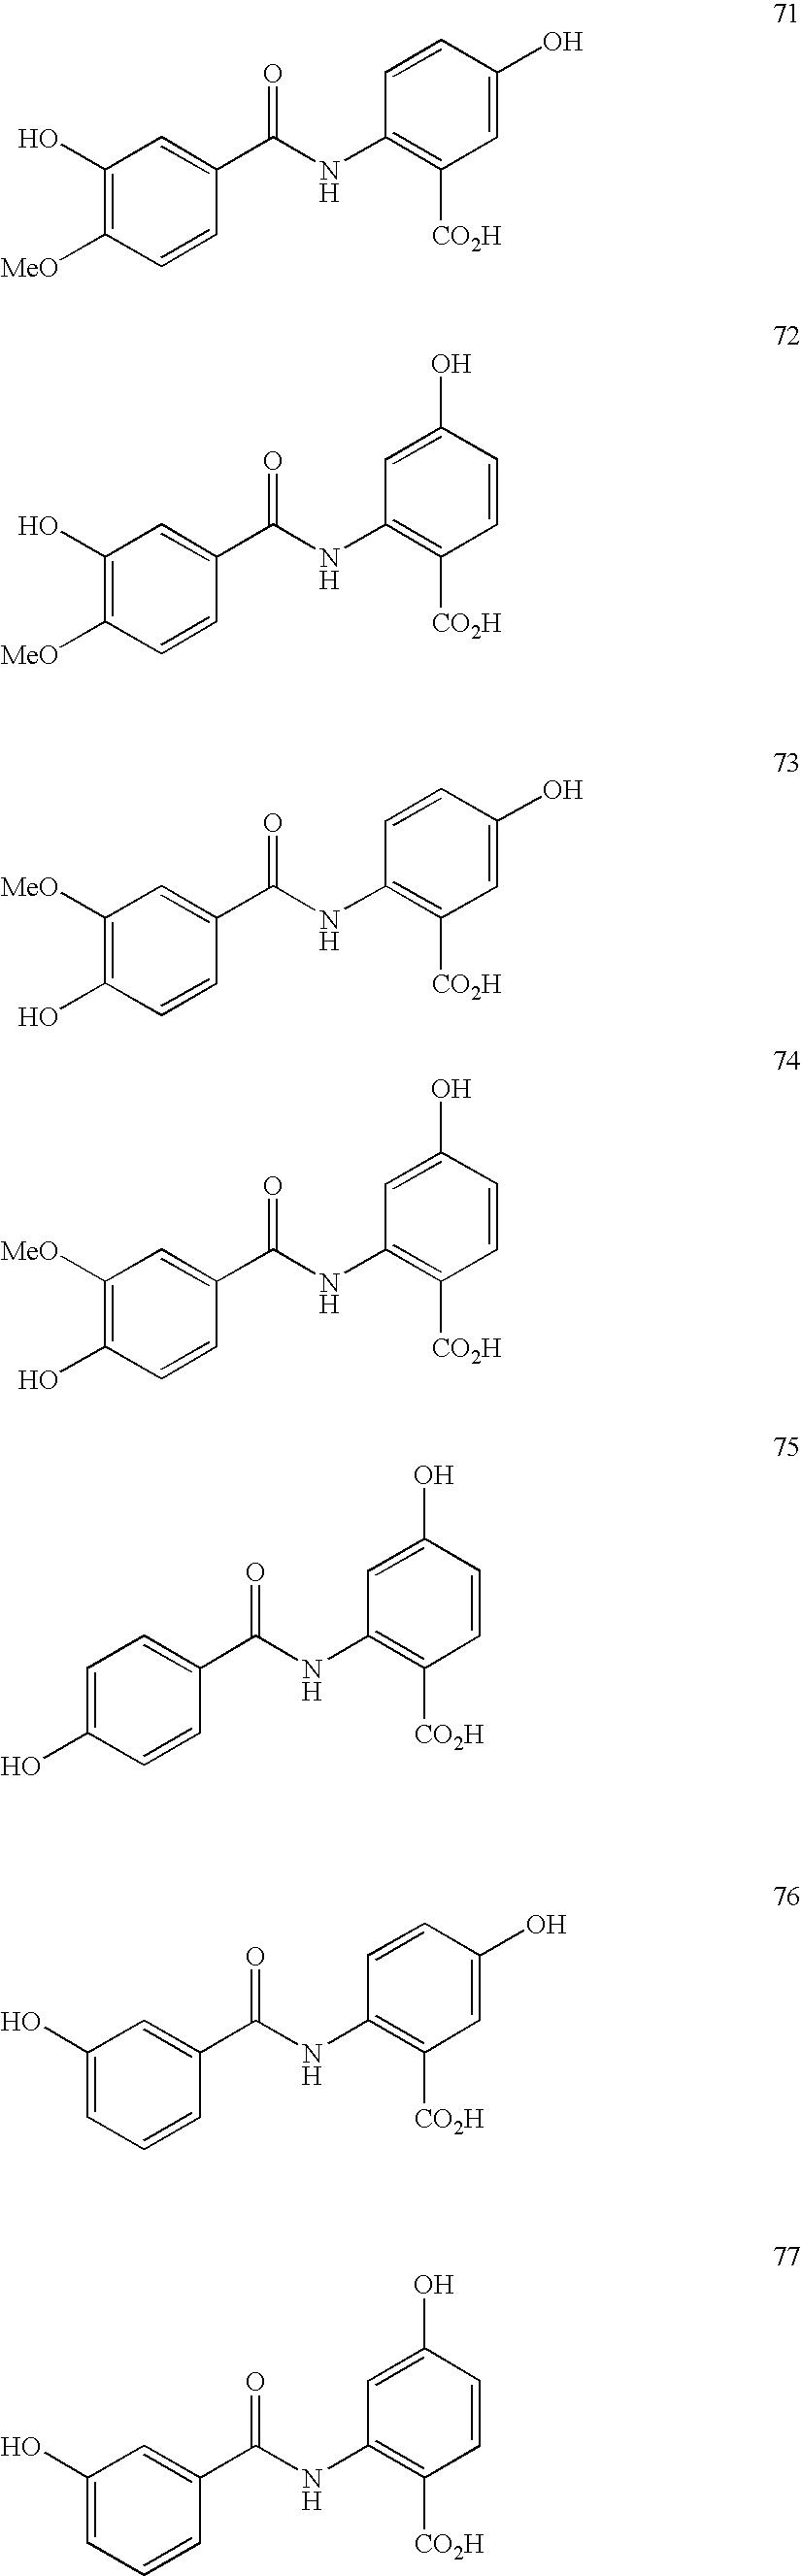 Figure US20080008660A1-20080110-C00016